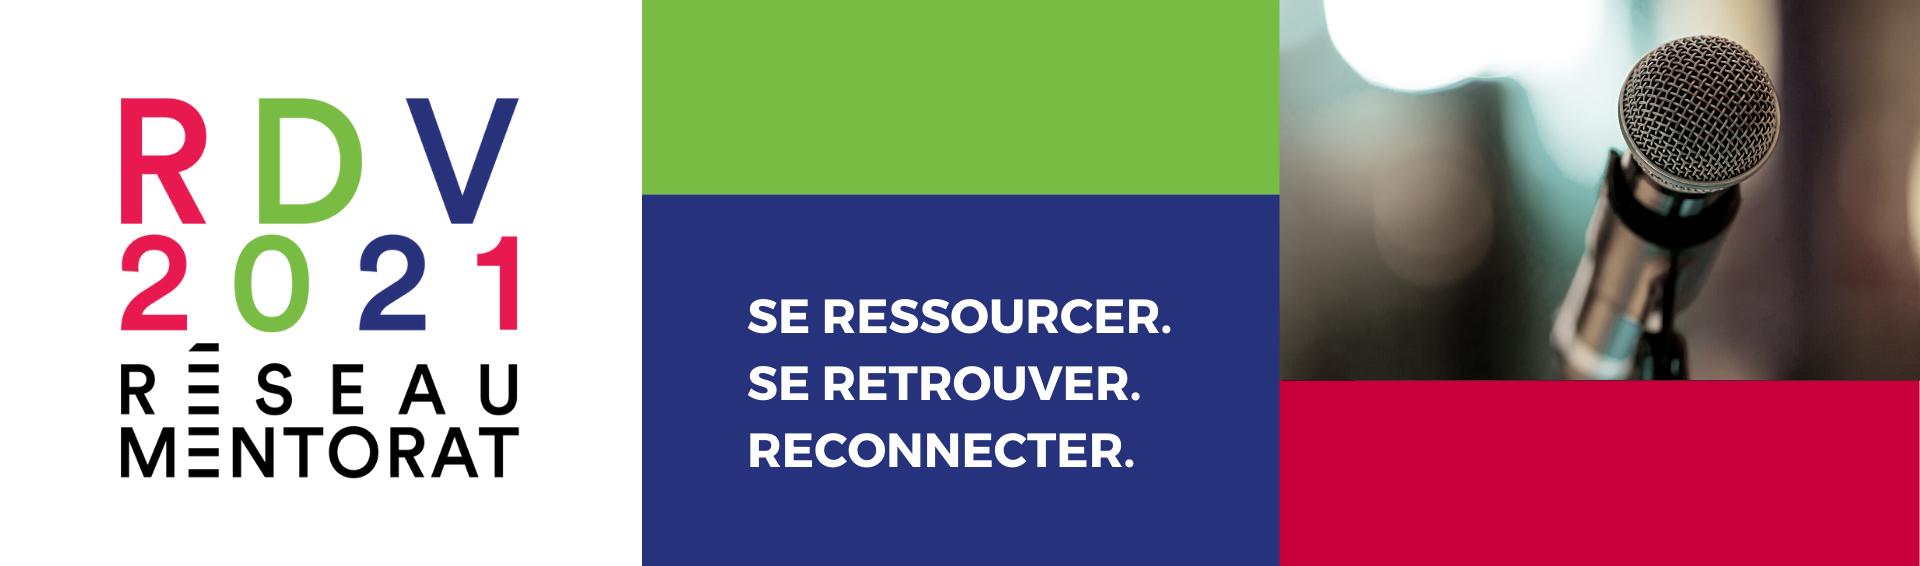 RDV Réseau Mentorat